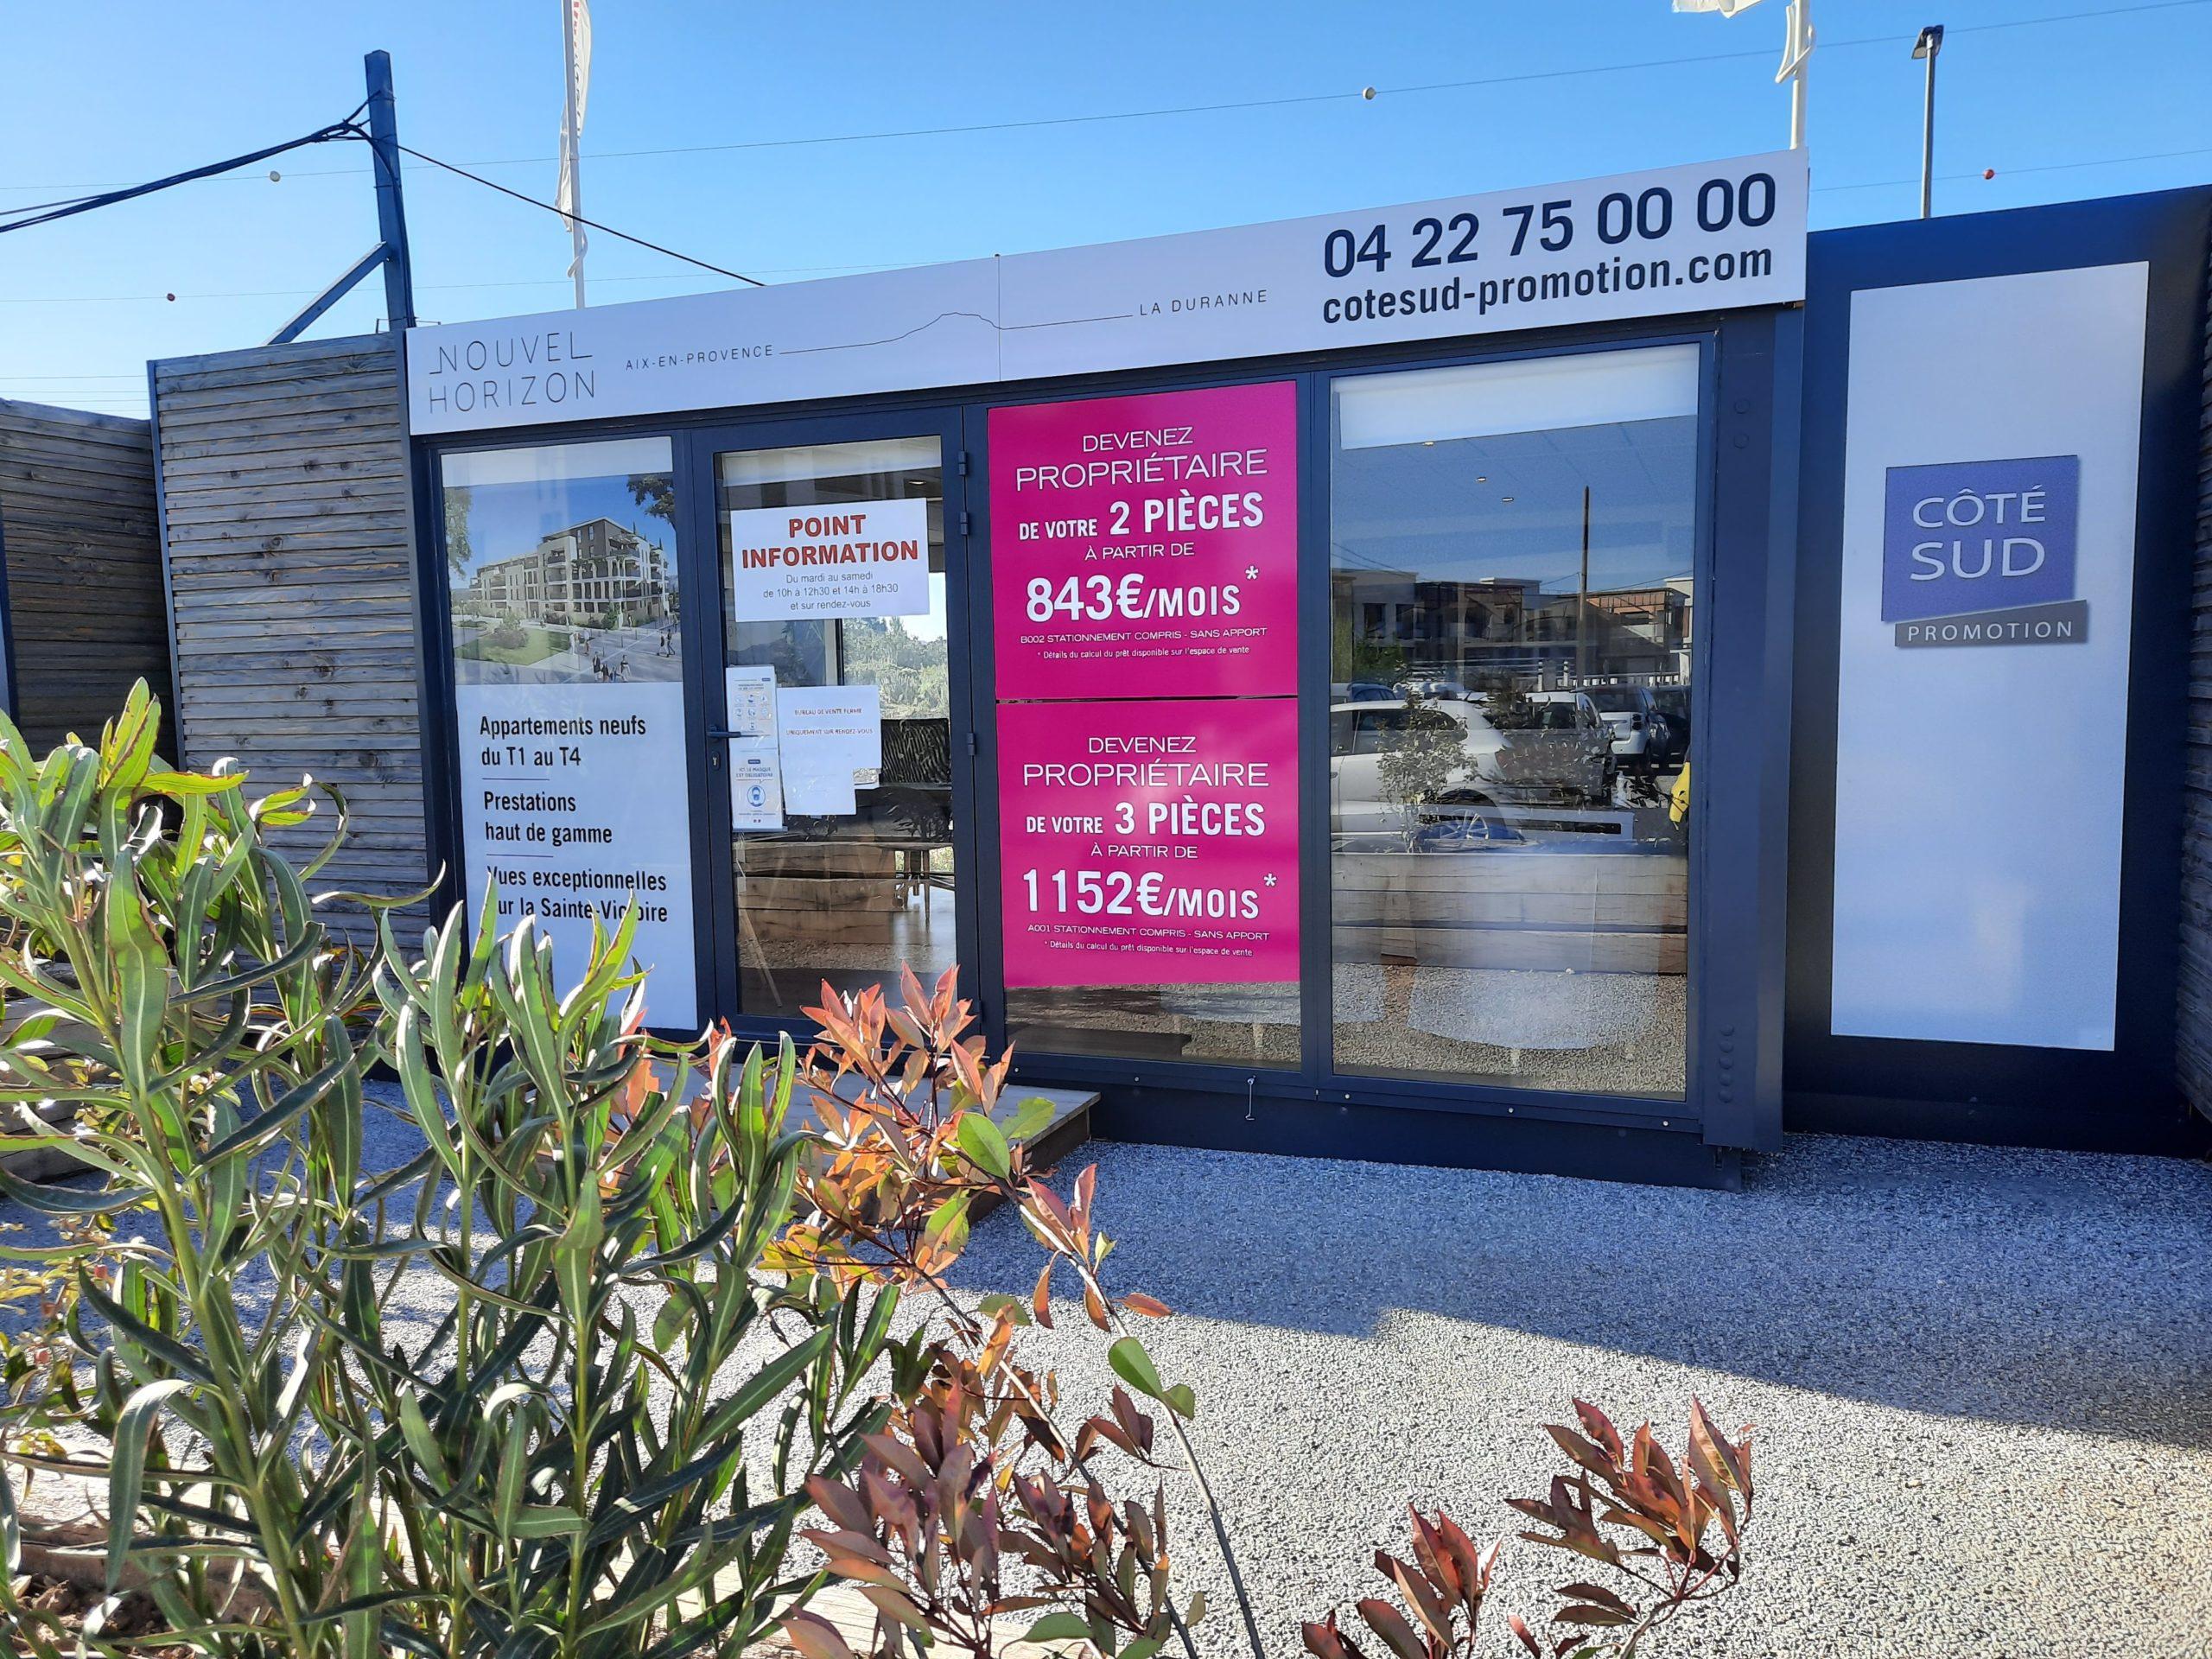 Bureau de vente programme immobilier neuf aix horizon à Aix en Provence